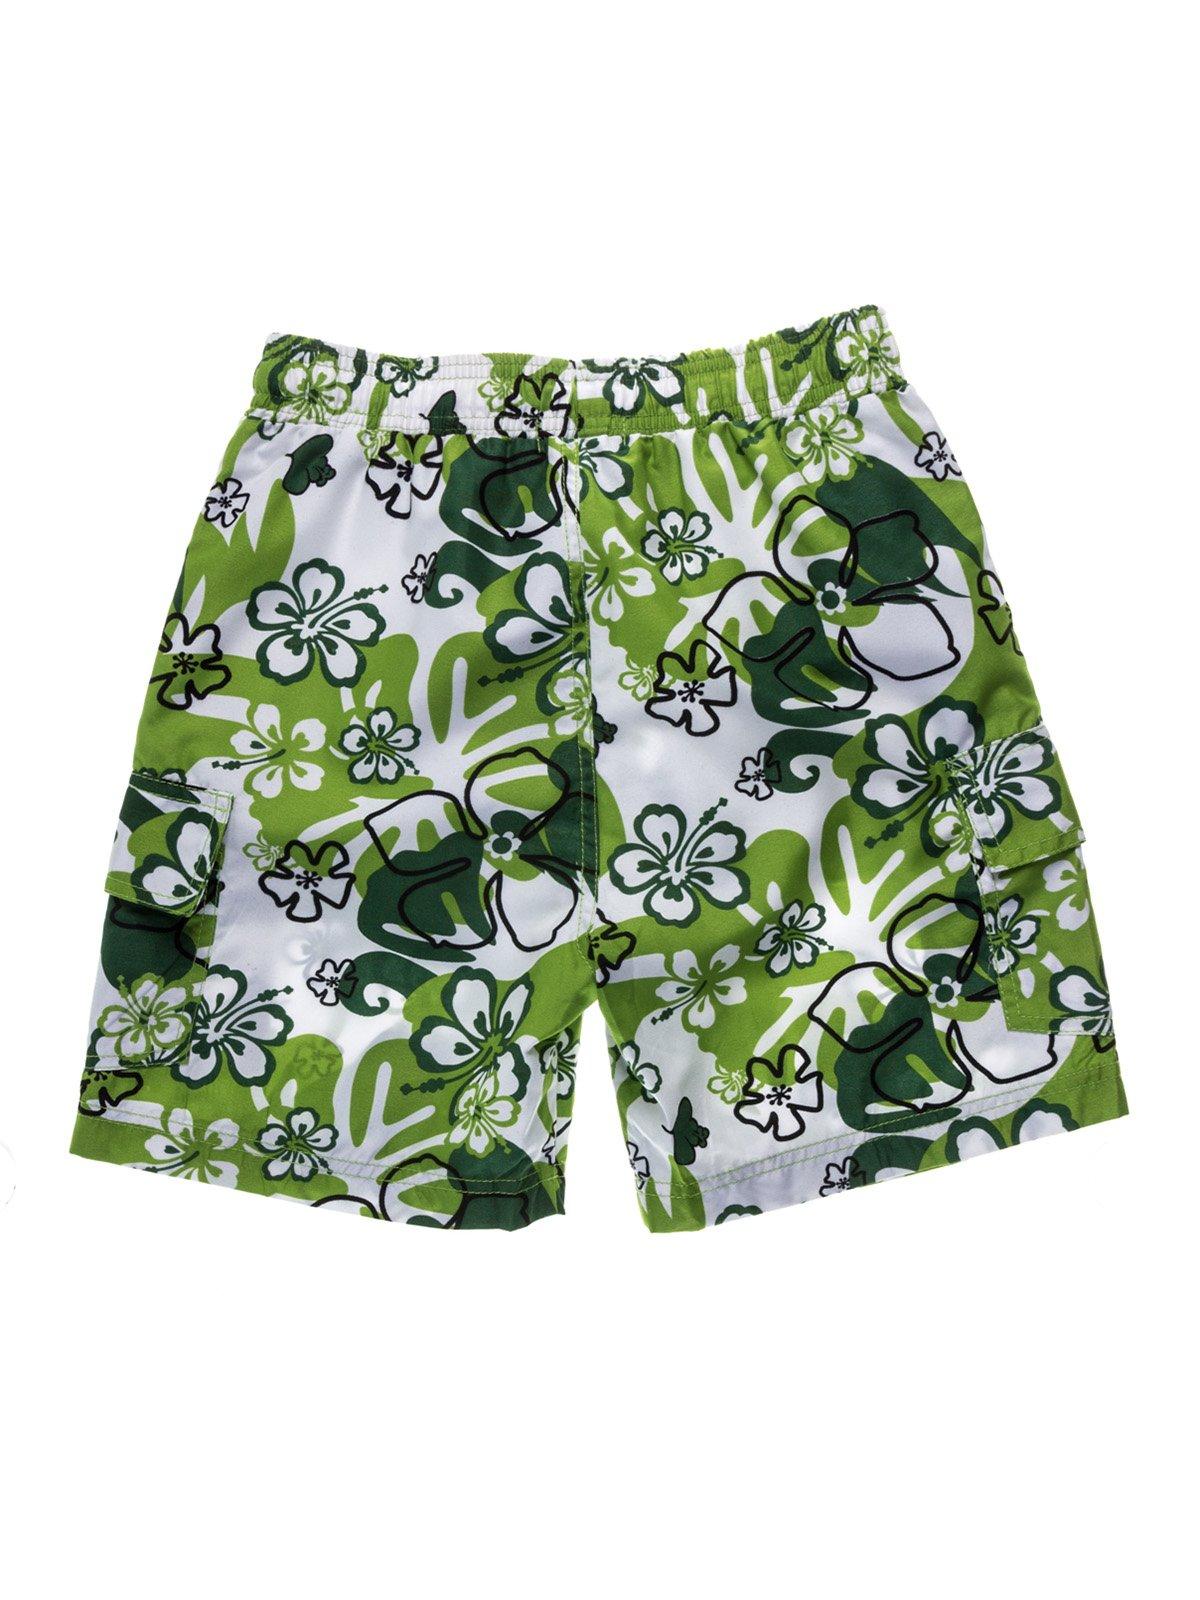 Шорти біло-зелені принт пляжно-купальні   933689   фото 2